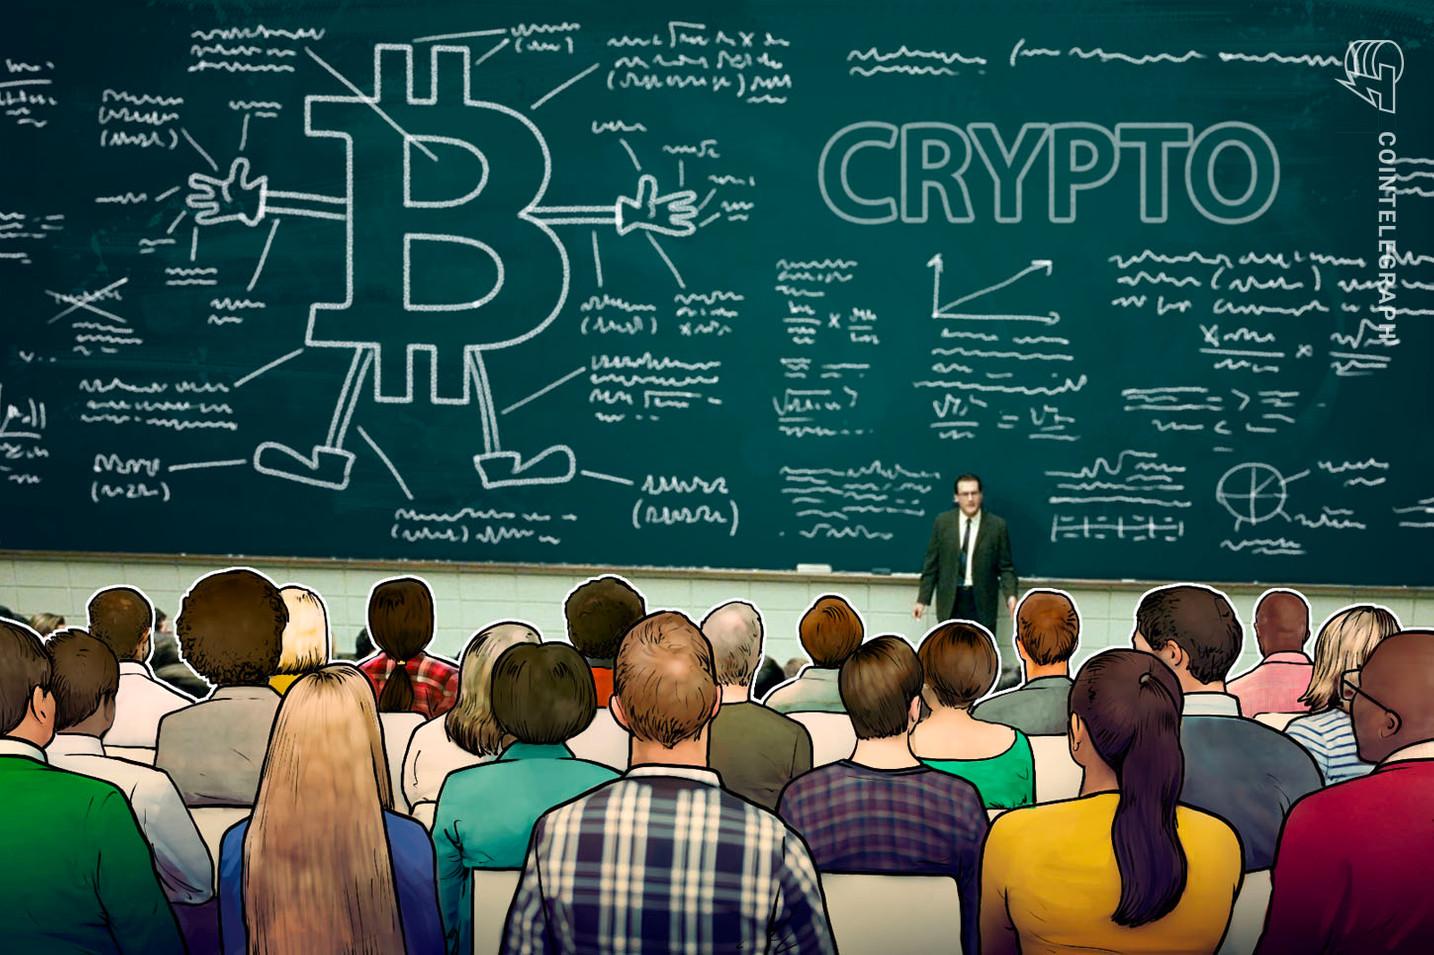 フランス、高校カリキュラムに仮想通貨・ビットコイン登場 金融教育の一環として採用【ニュース】